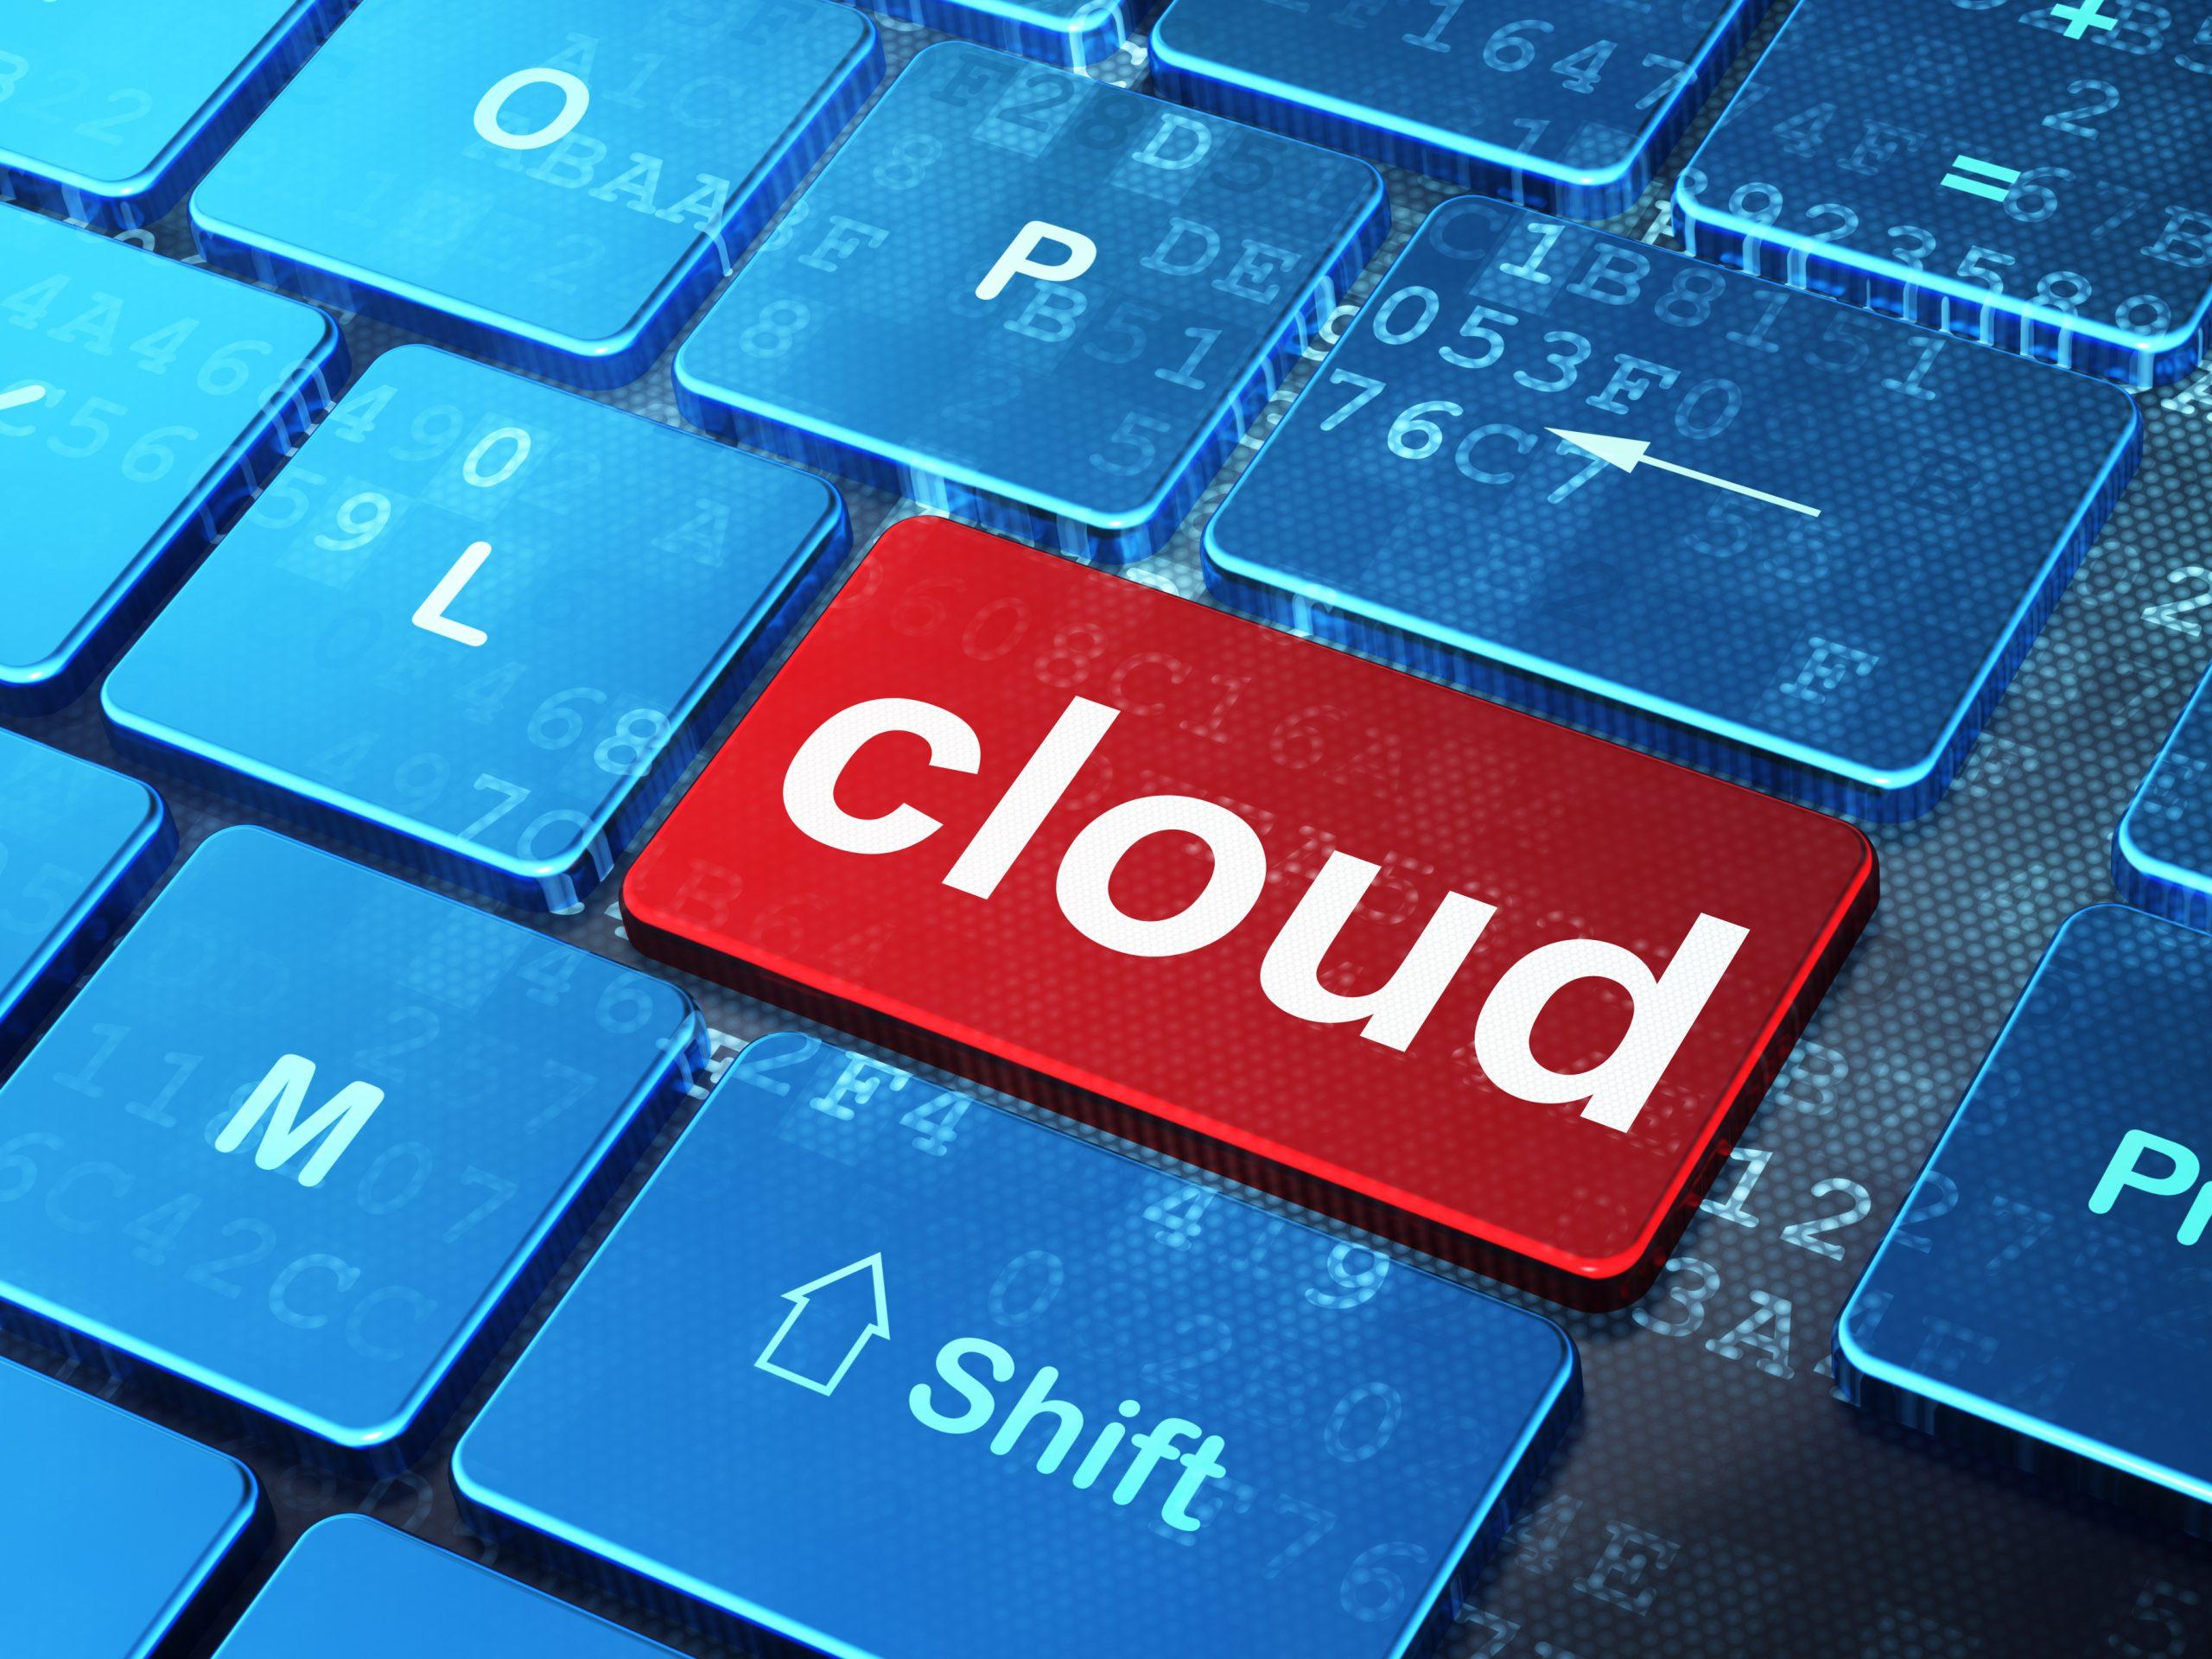 Distributie van cloud services